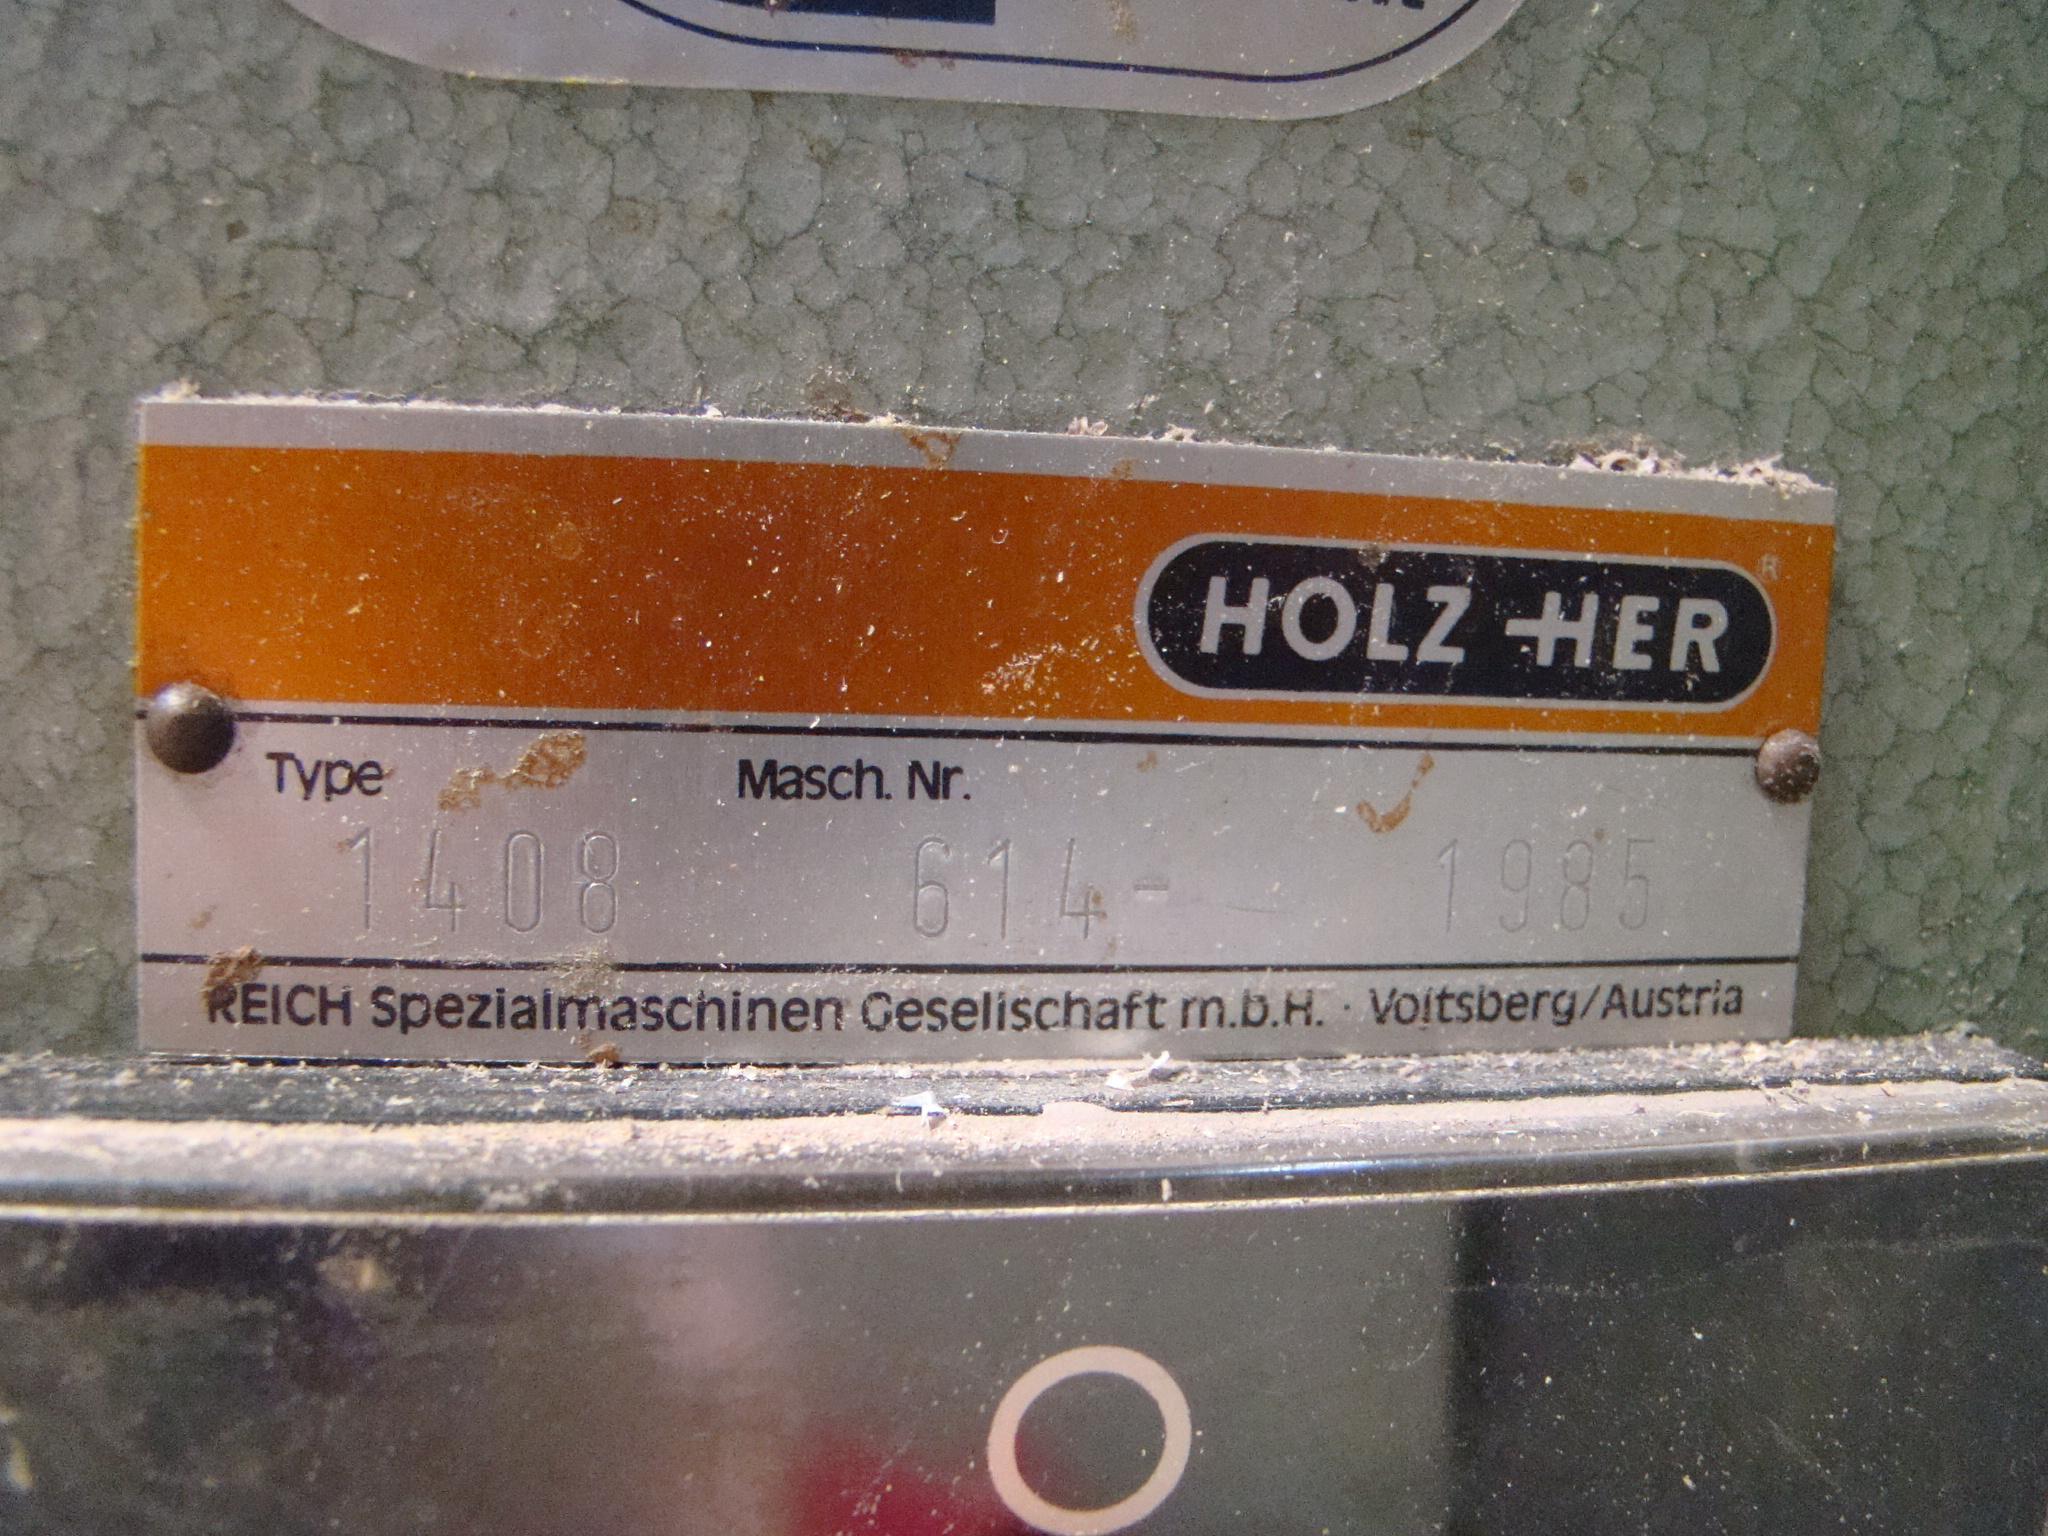 Holz-Her Edge Bander 1408 Pressure Roller, Uses GluJet, End trim stations, Flush/Bevel Scraper, - Image 7 of 10